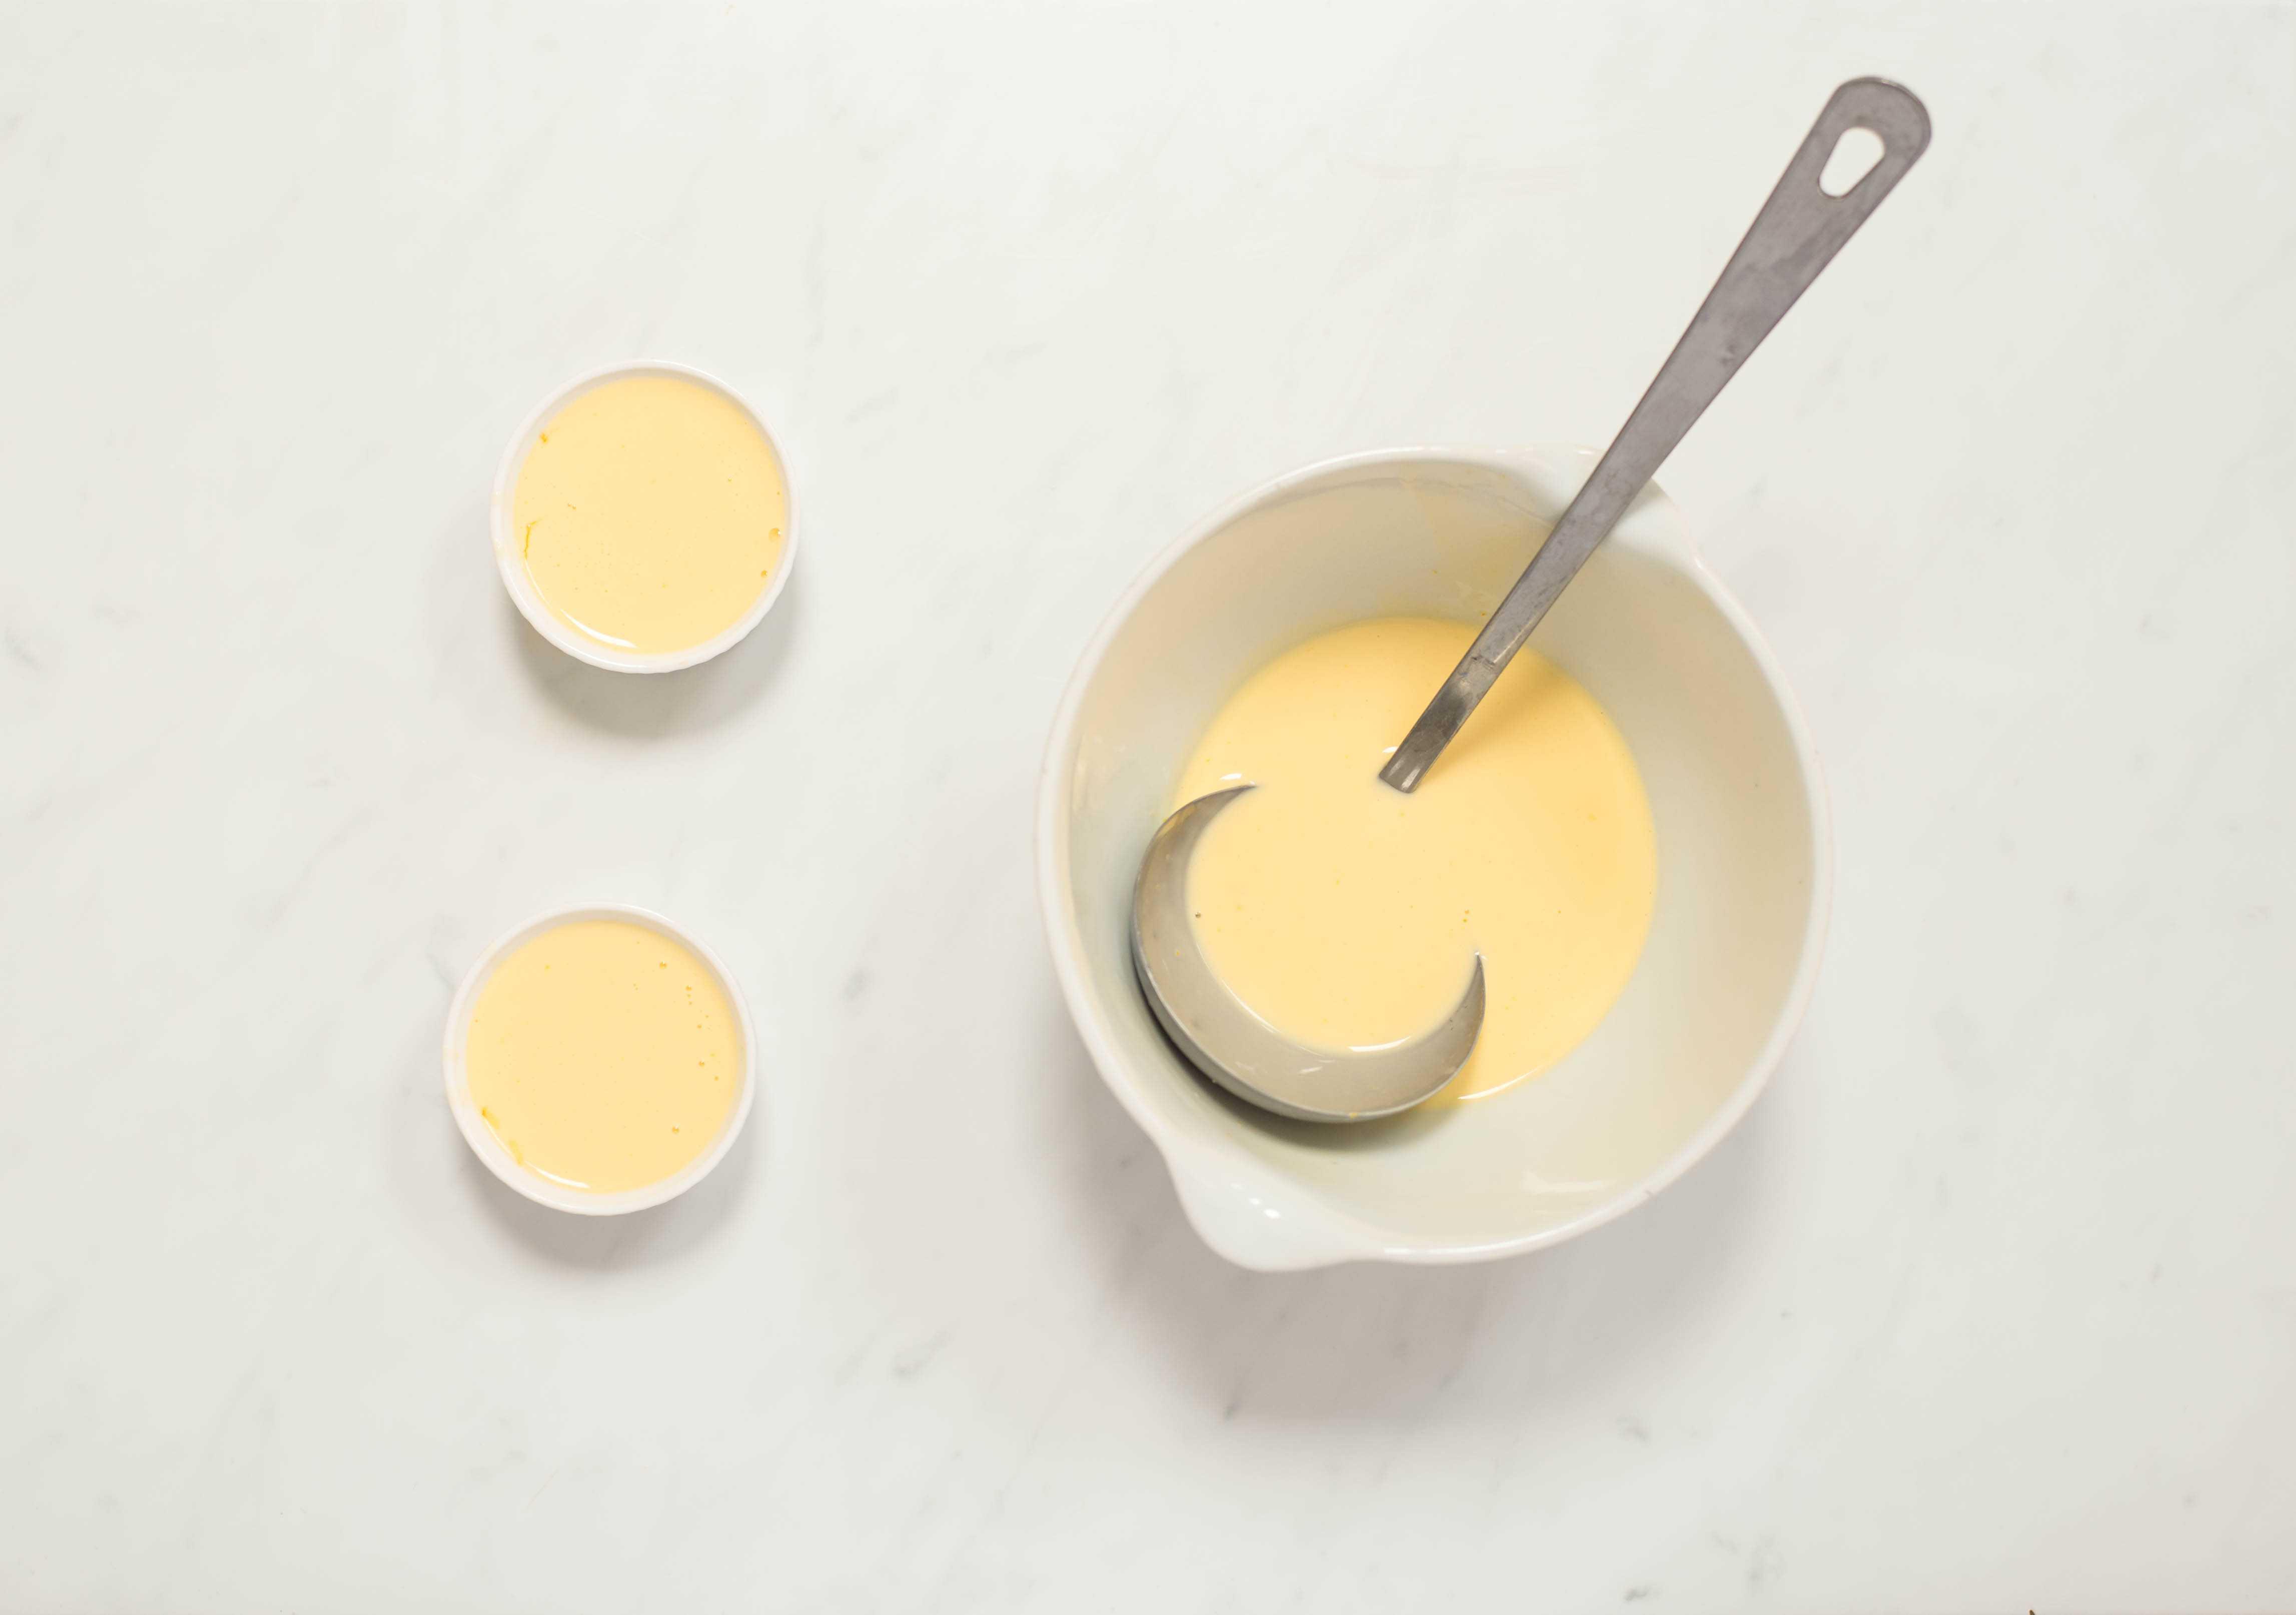 Ladle mixture